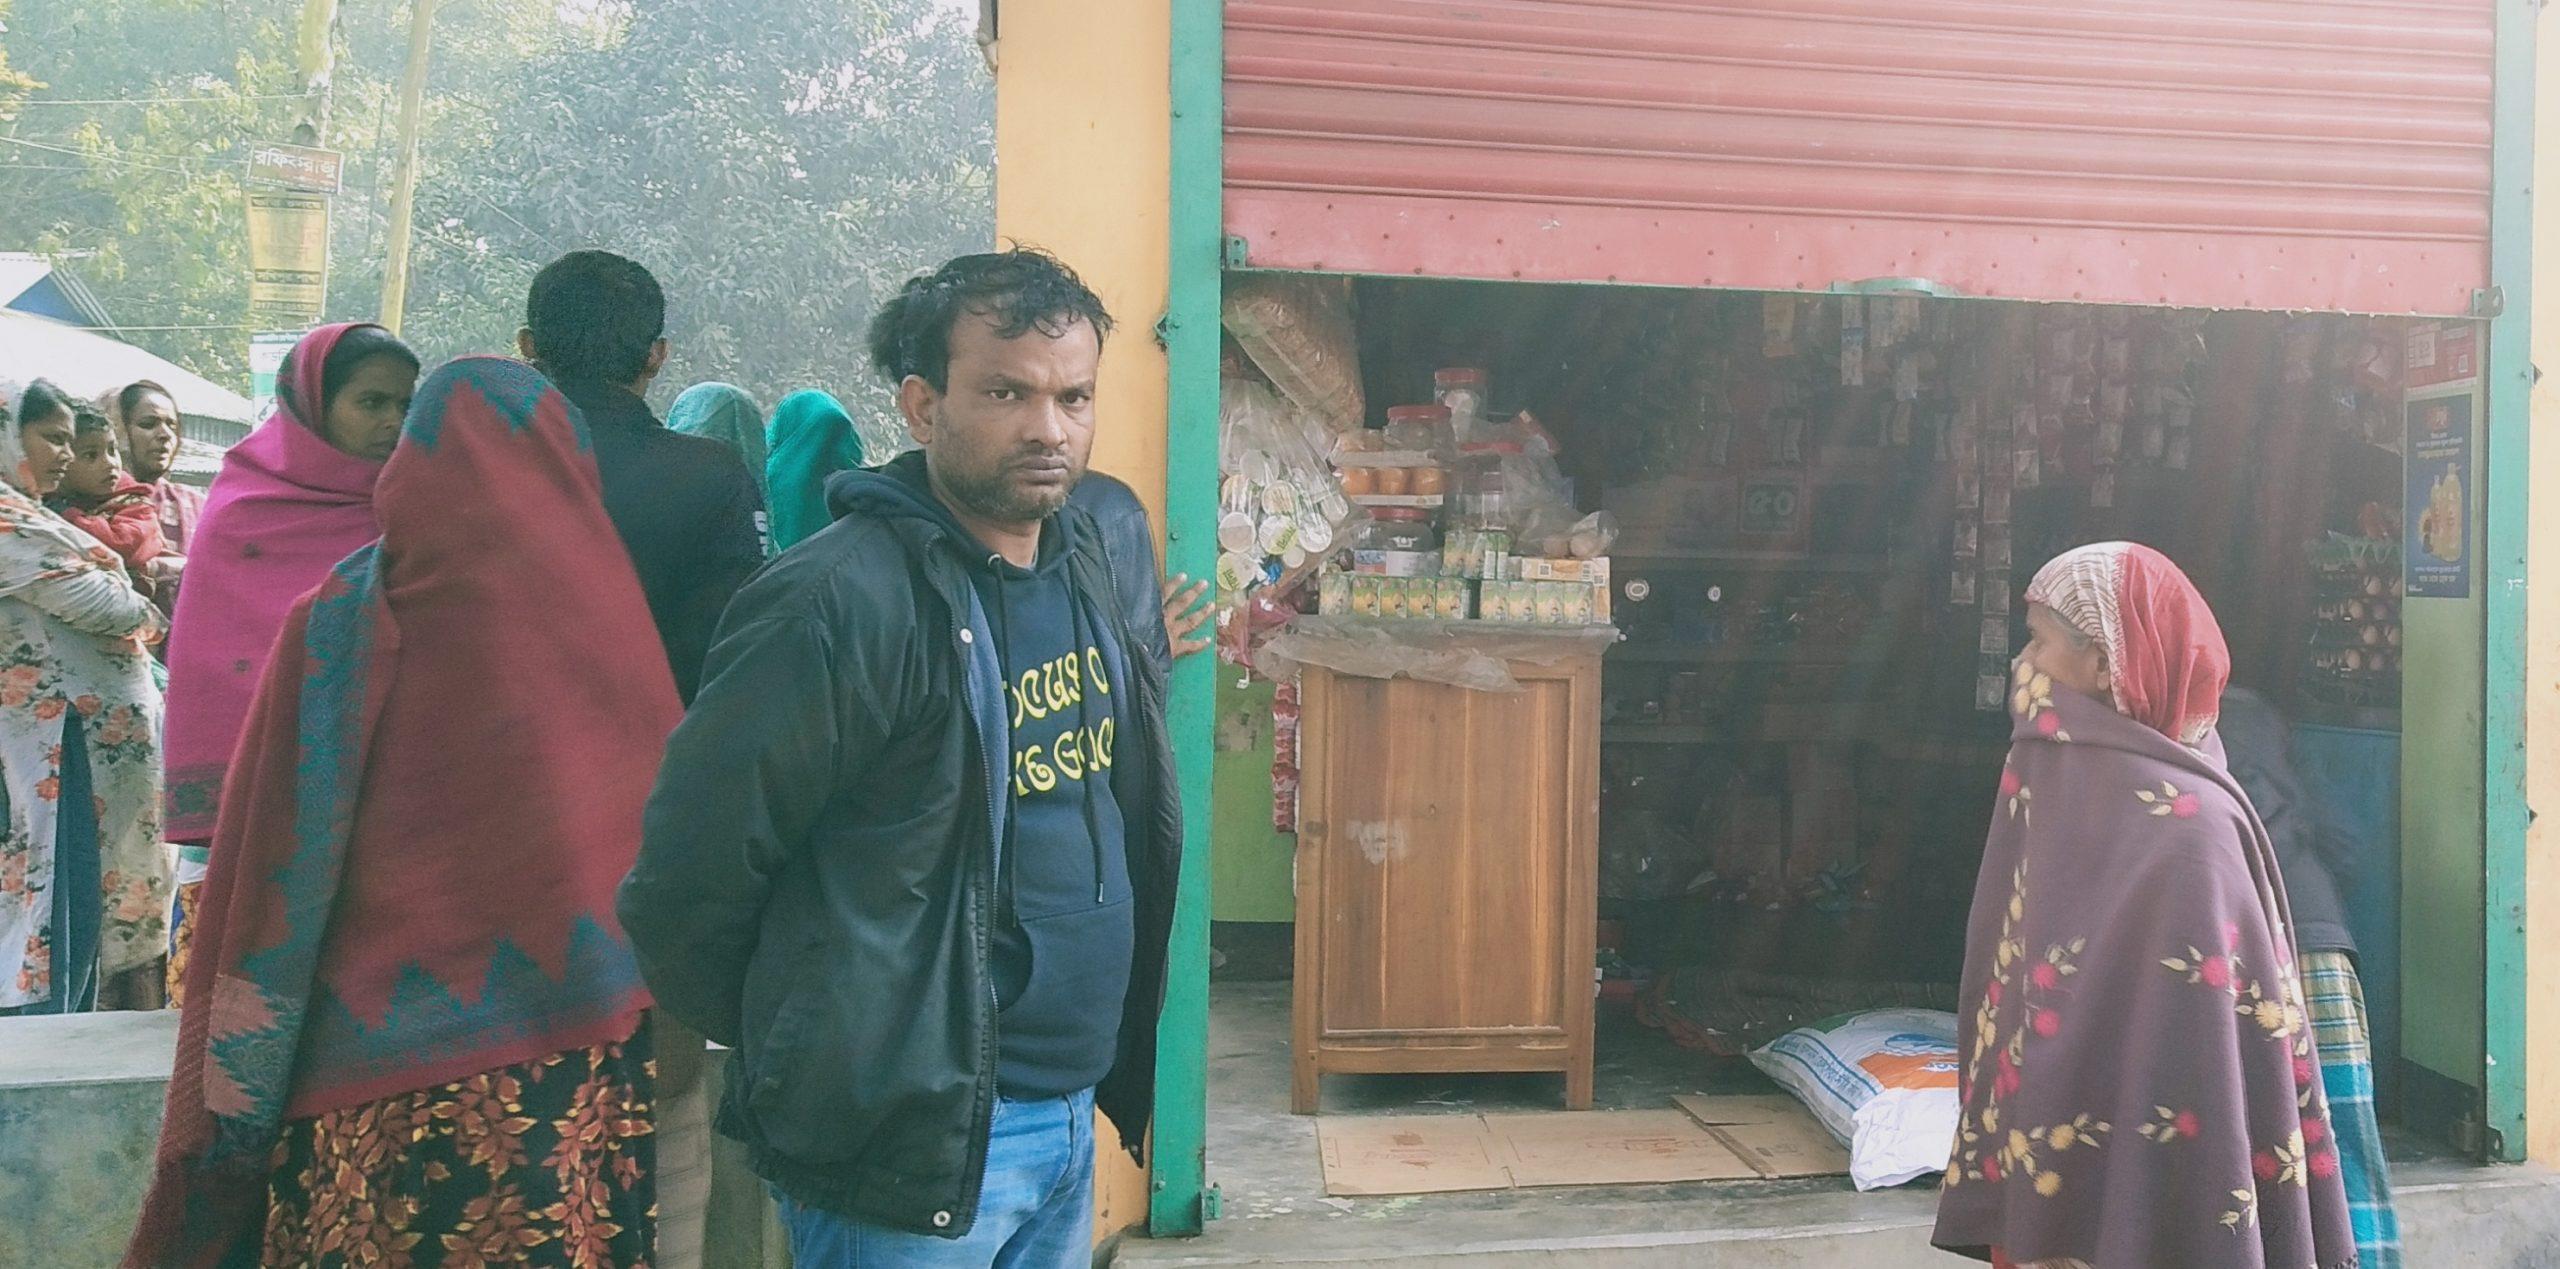 সখীপুরে দোকানের তালা ভেঙ্গে চুরি | জাগো সখীপুর